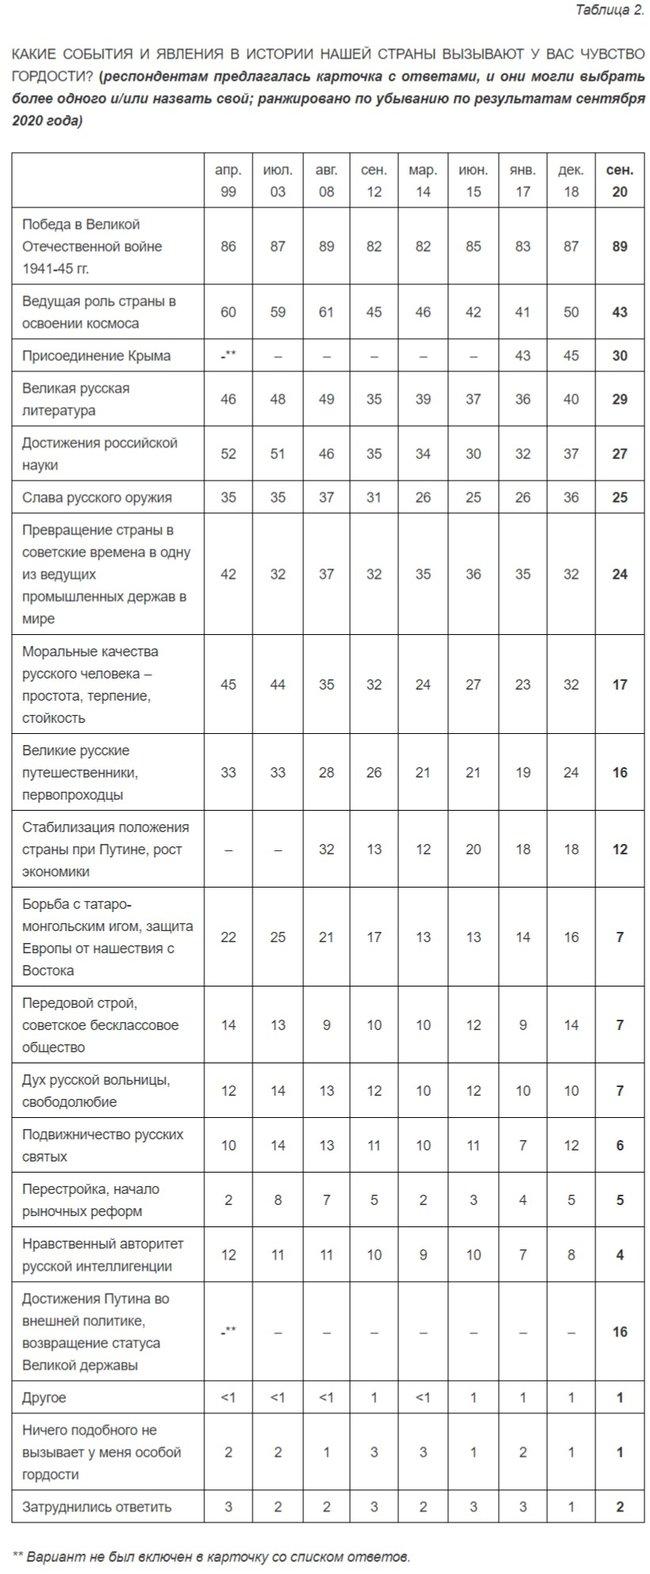 Росіяни перестають пишатися окупацією Криму, - опитування Левада-центру 01